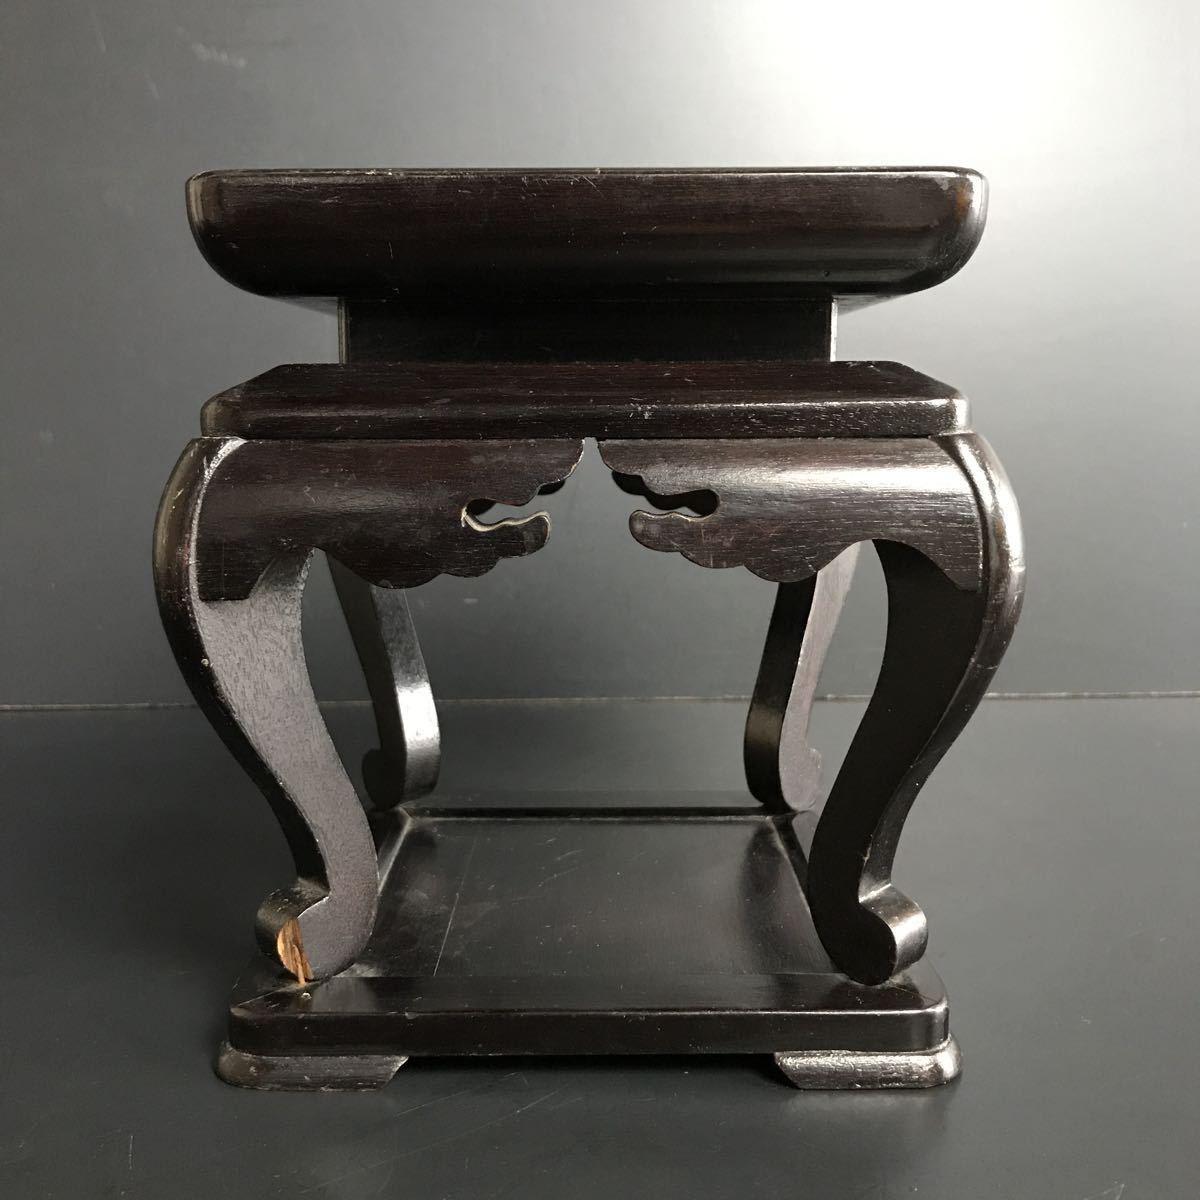 [X865] 木製 高卓 高さ約18cm 花台 飾台 盆栽台 香炉台 四方卓 華道具 茶道具 床飾_画像3